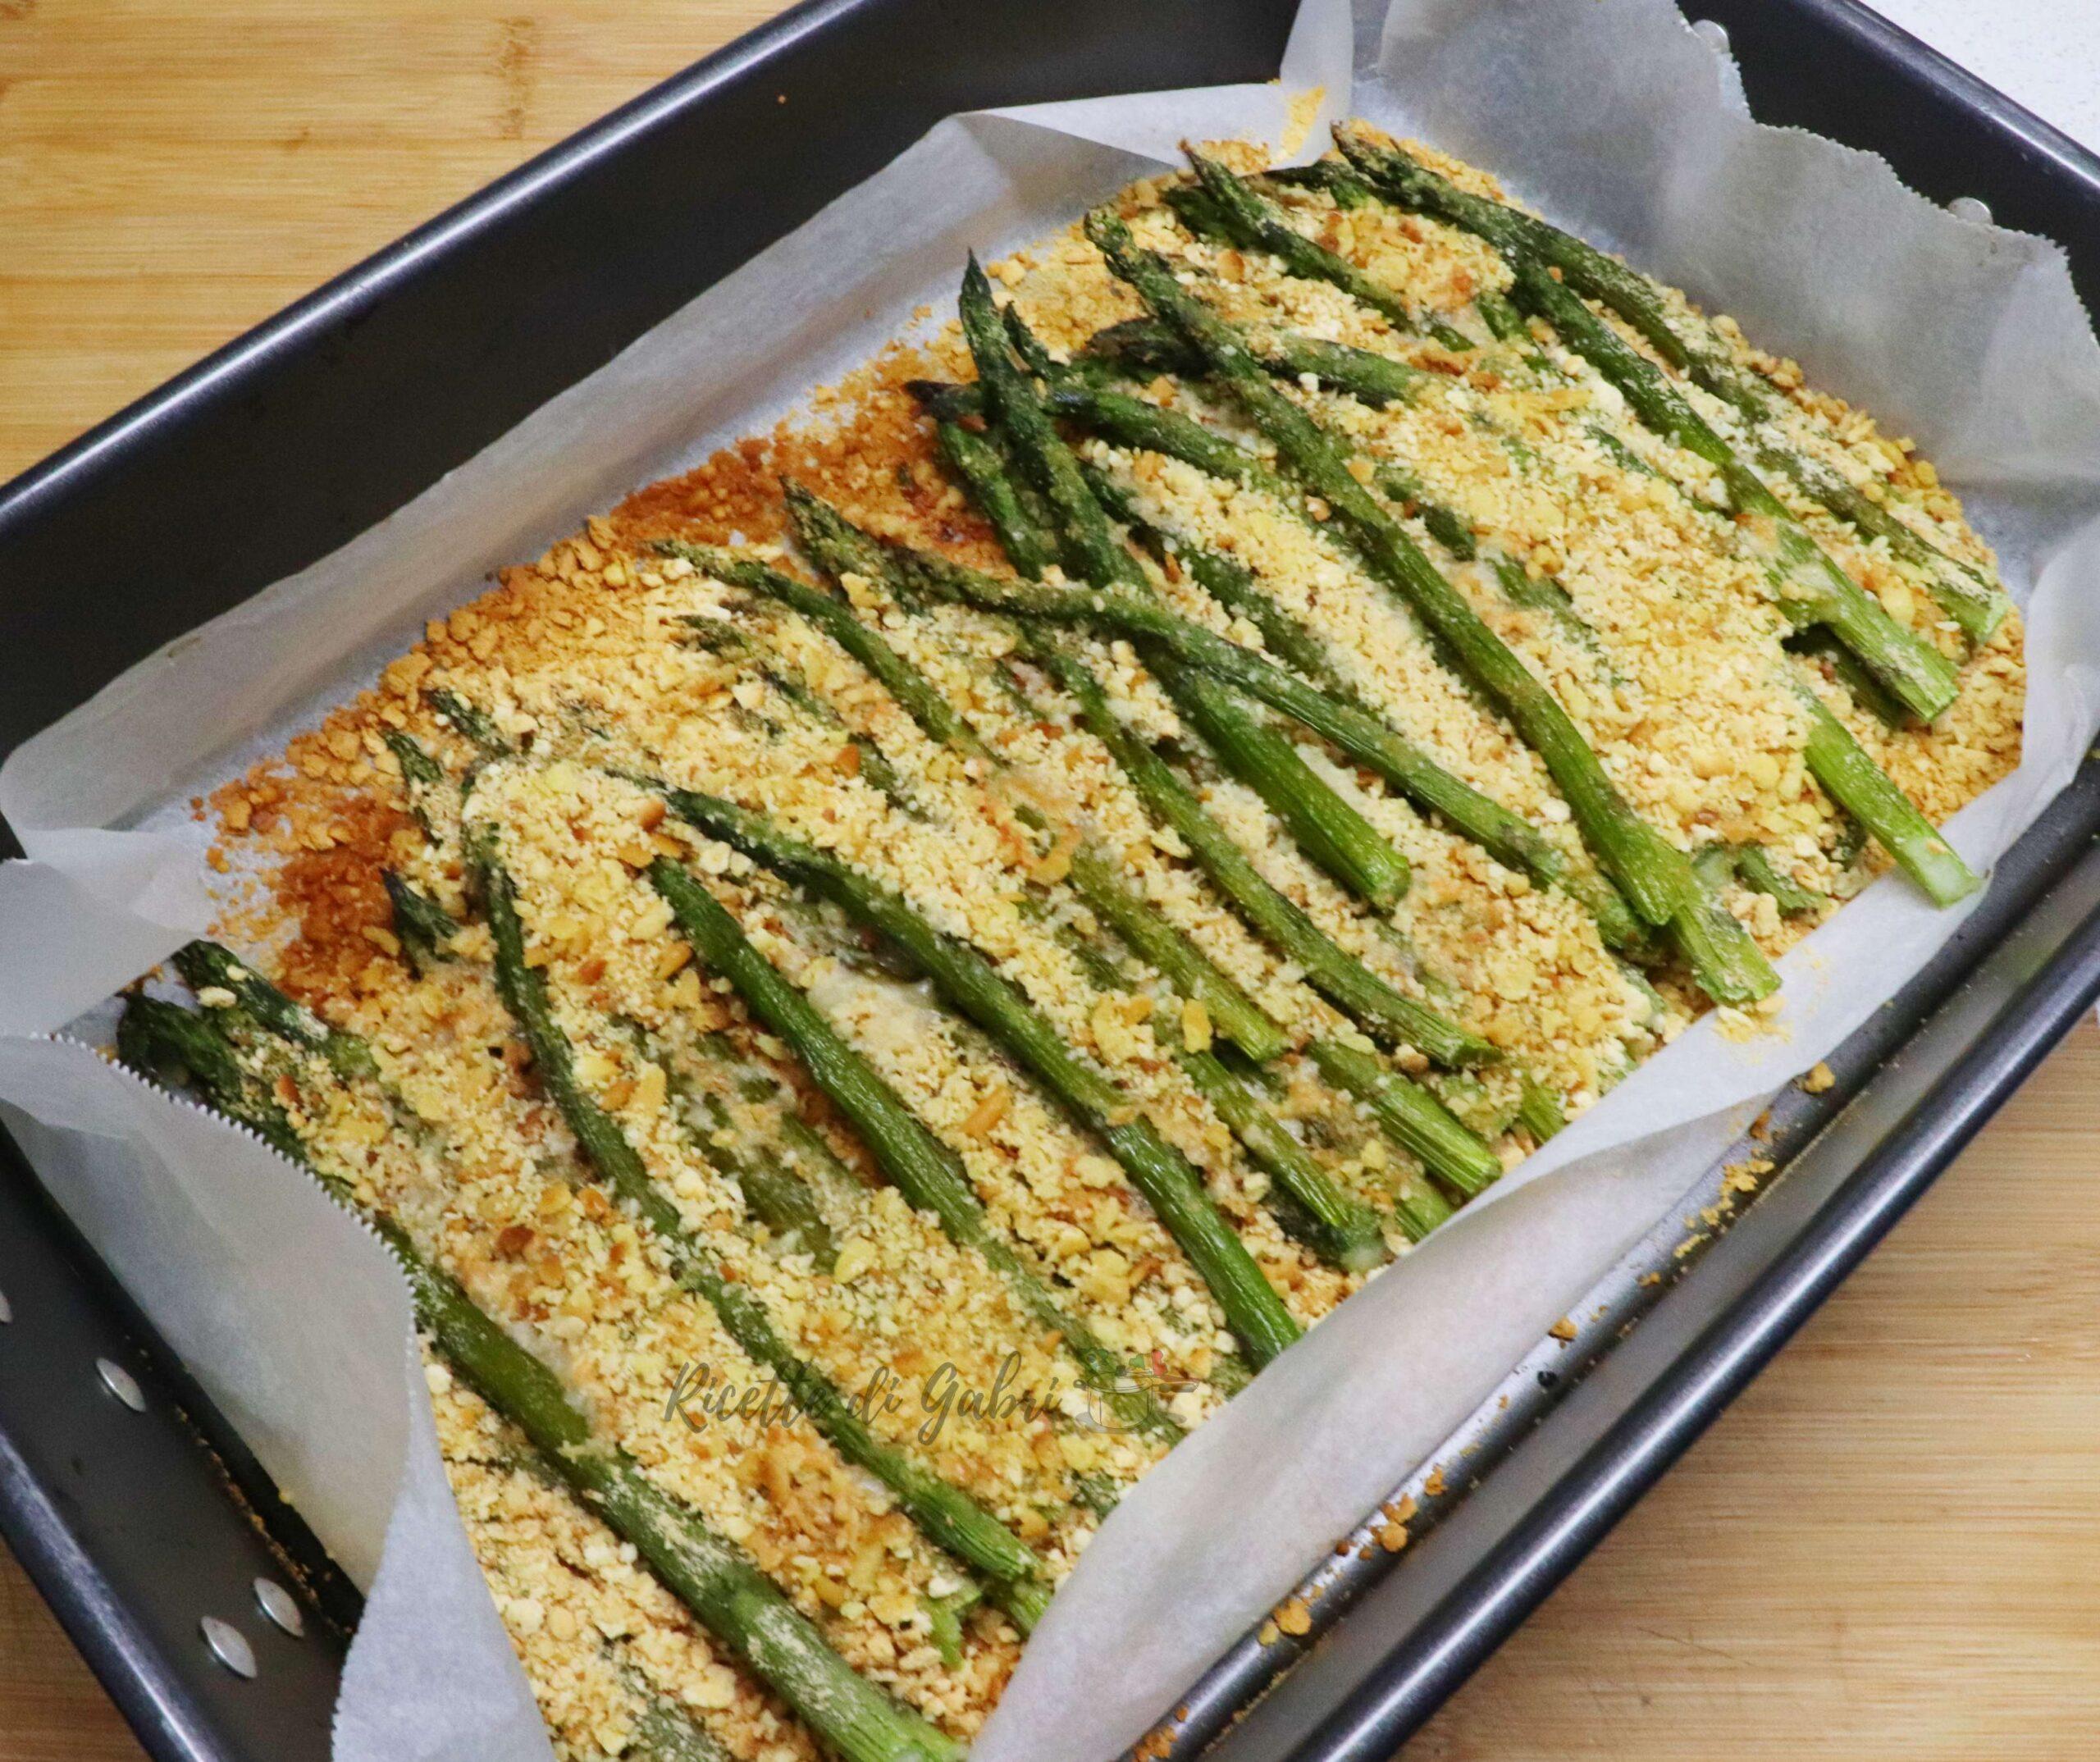 asparagi gratinati al forno ricetta facile di gabri